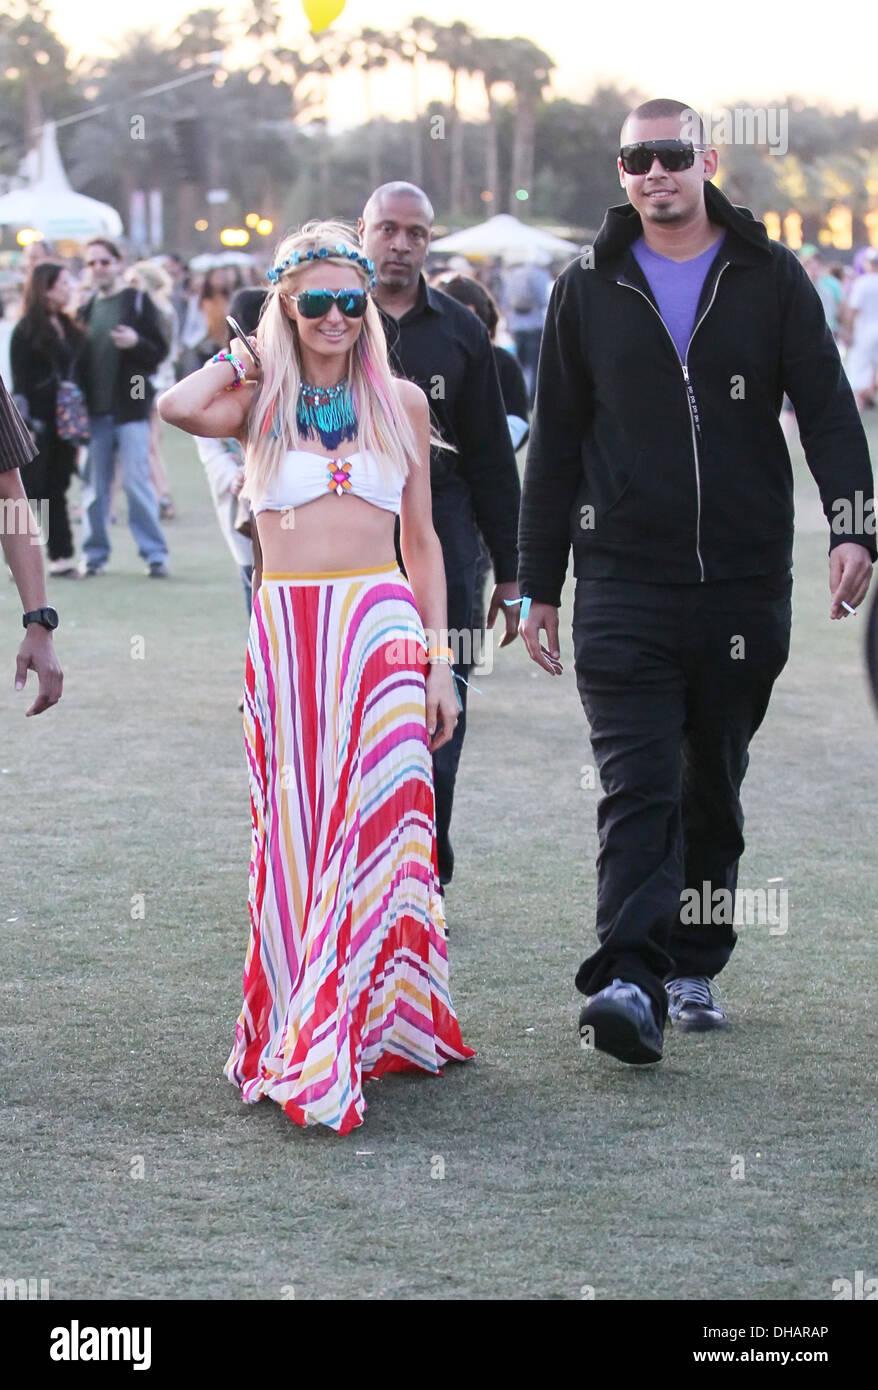 Nick Van De Wall.Paris Hilton And Dutch Music Producer Dj Afrojack Real Name